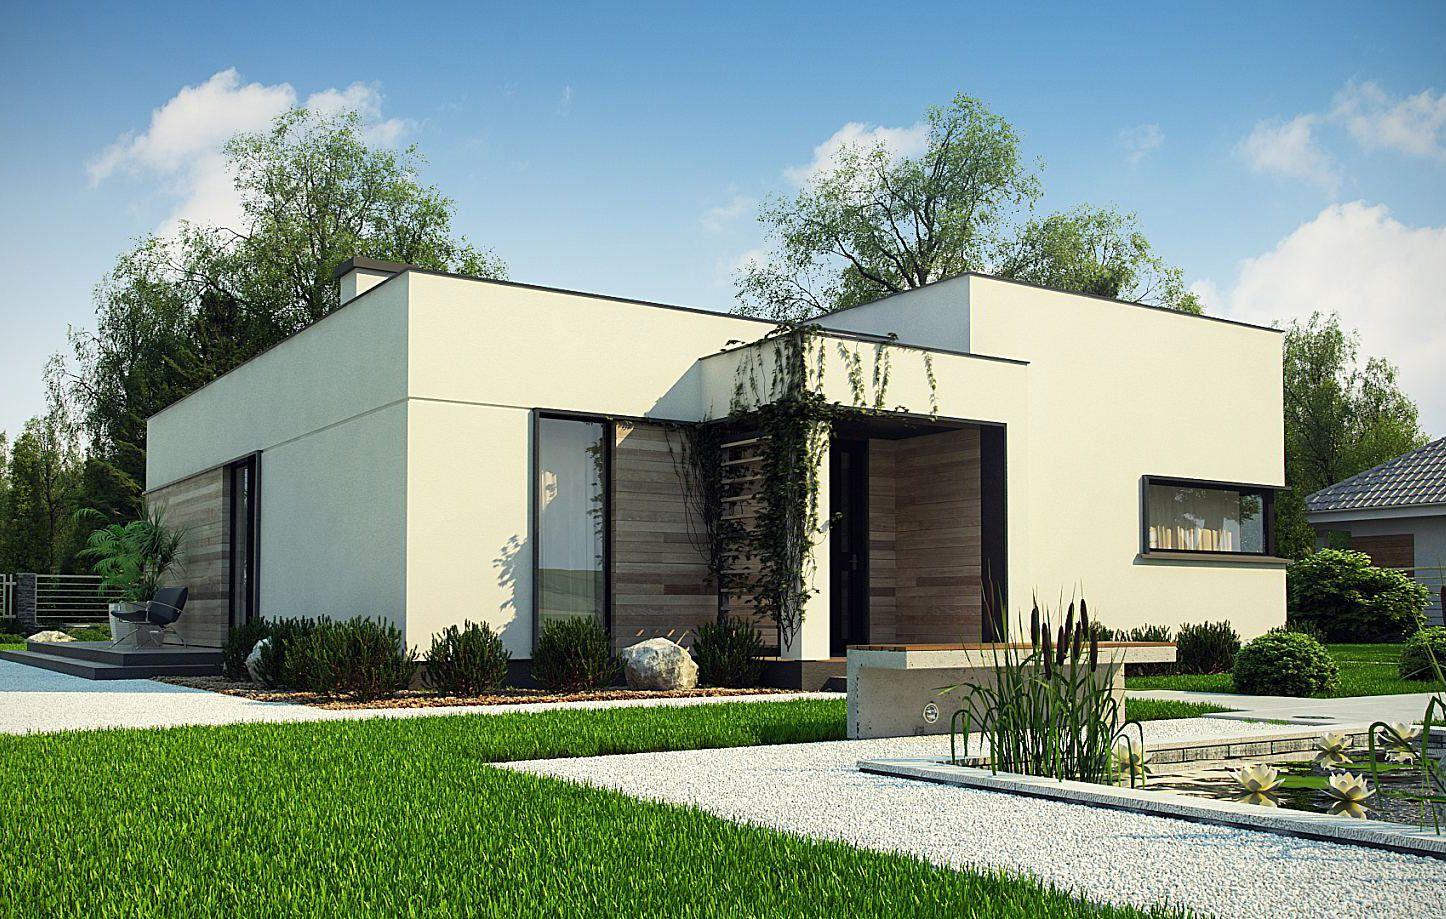 Dodatkowe Nowoczesny dom drewniany | Domy nowoczesne in 2019 | Dom, Projekty DK59